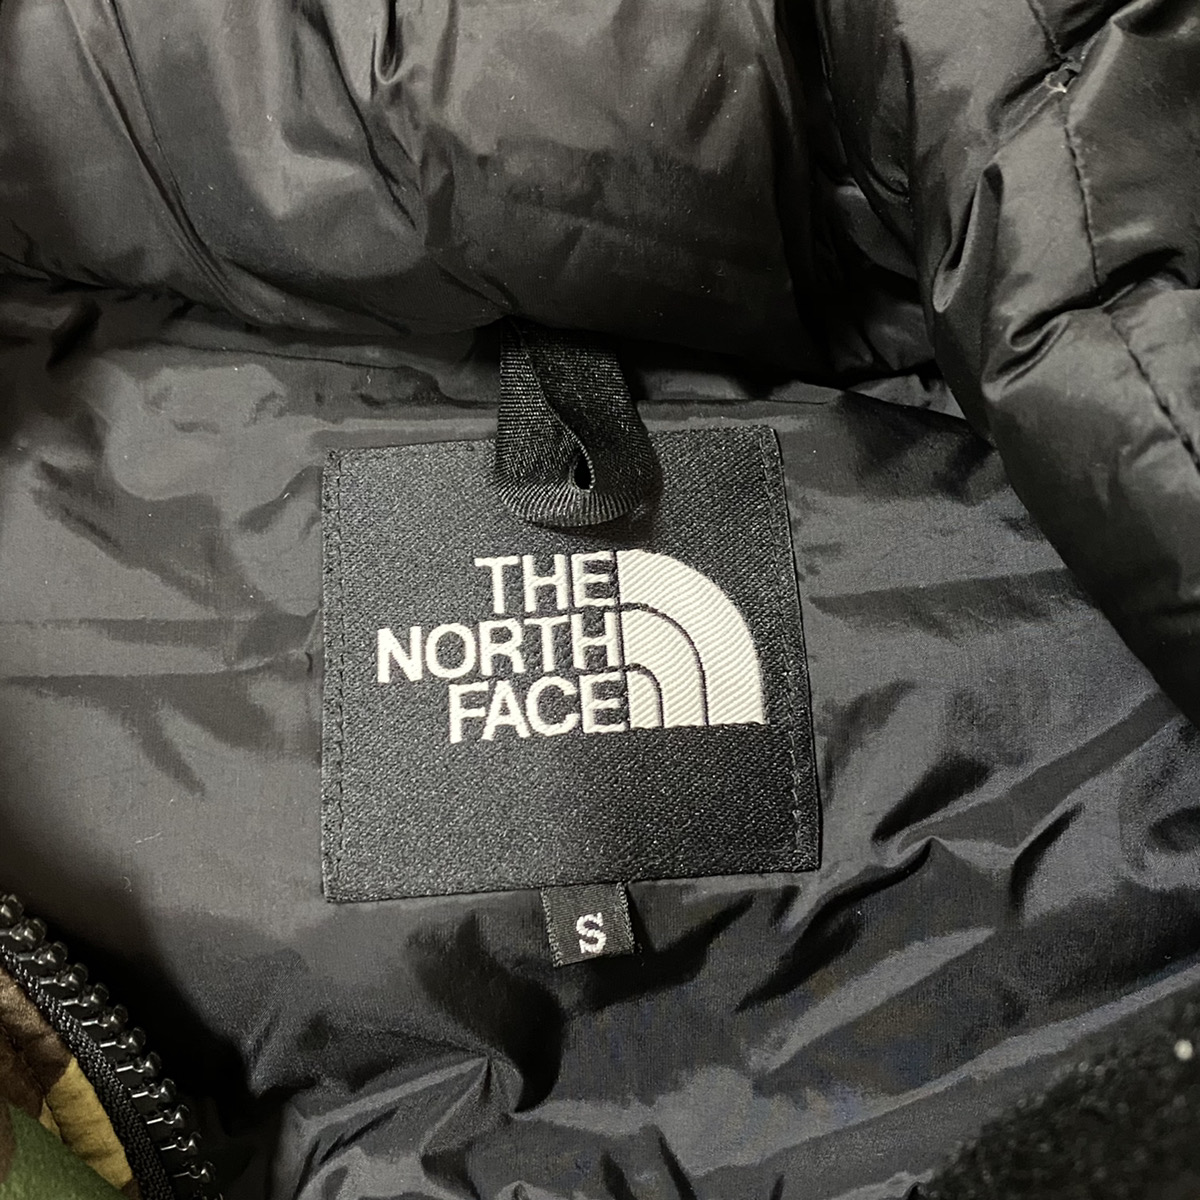 THE NORTH FACE ザ ノースフェイス【Sサイズ】 バルトロ ダウンジャケット カモ柄 カモフラ 迷彩